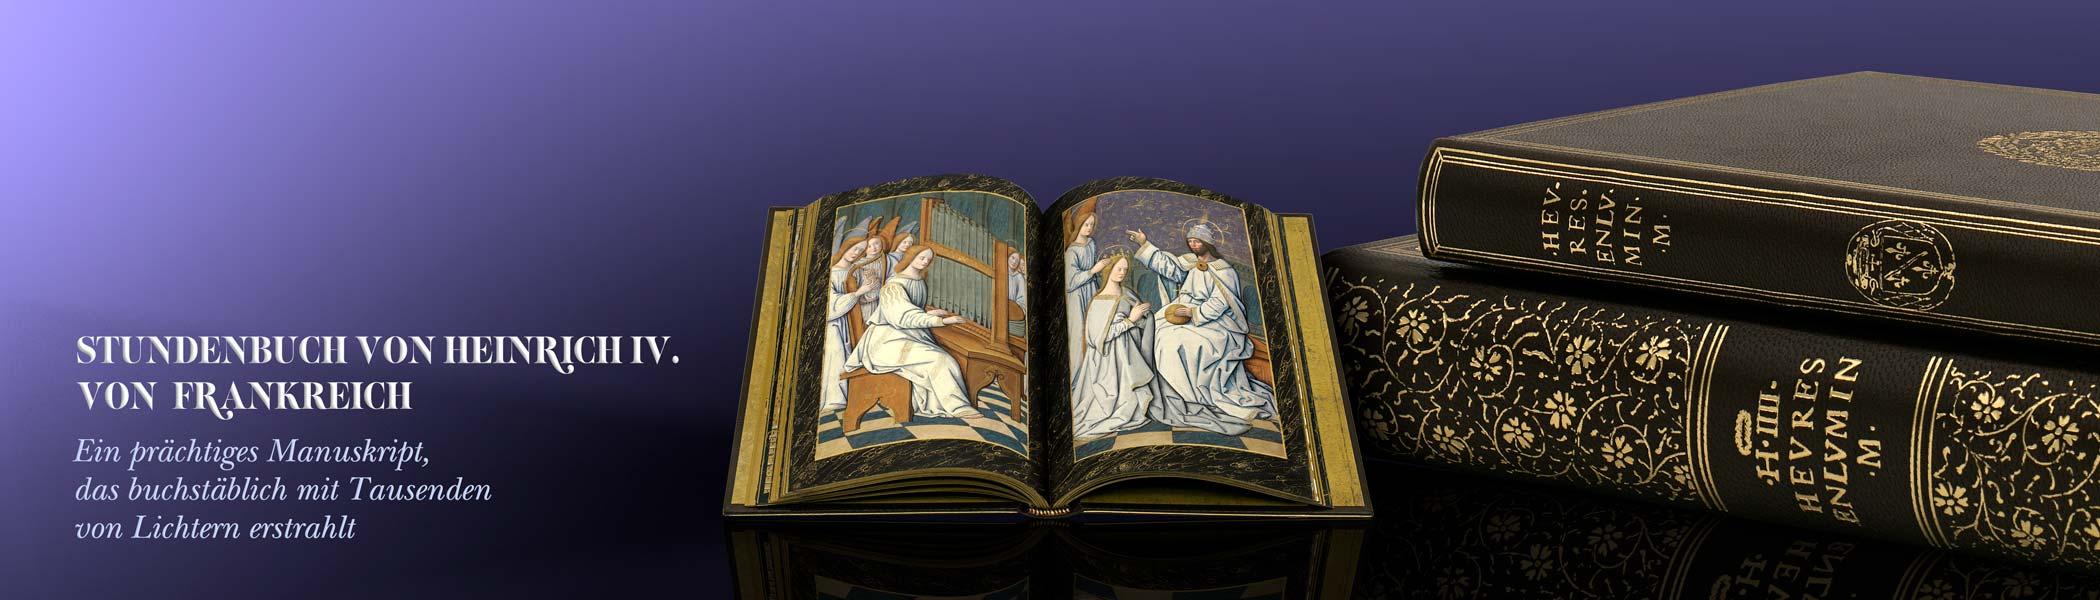 Stundenbuch von Heinrich IV, von Frankreich. Ein prächtiges Manusckript, das buchstäblich mit Tausenden von Lichtern erstrahlt